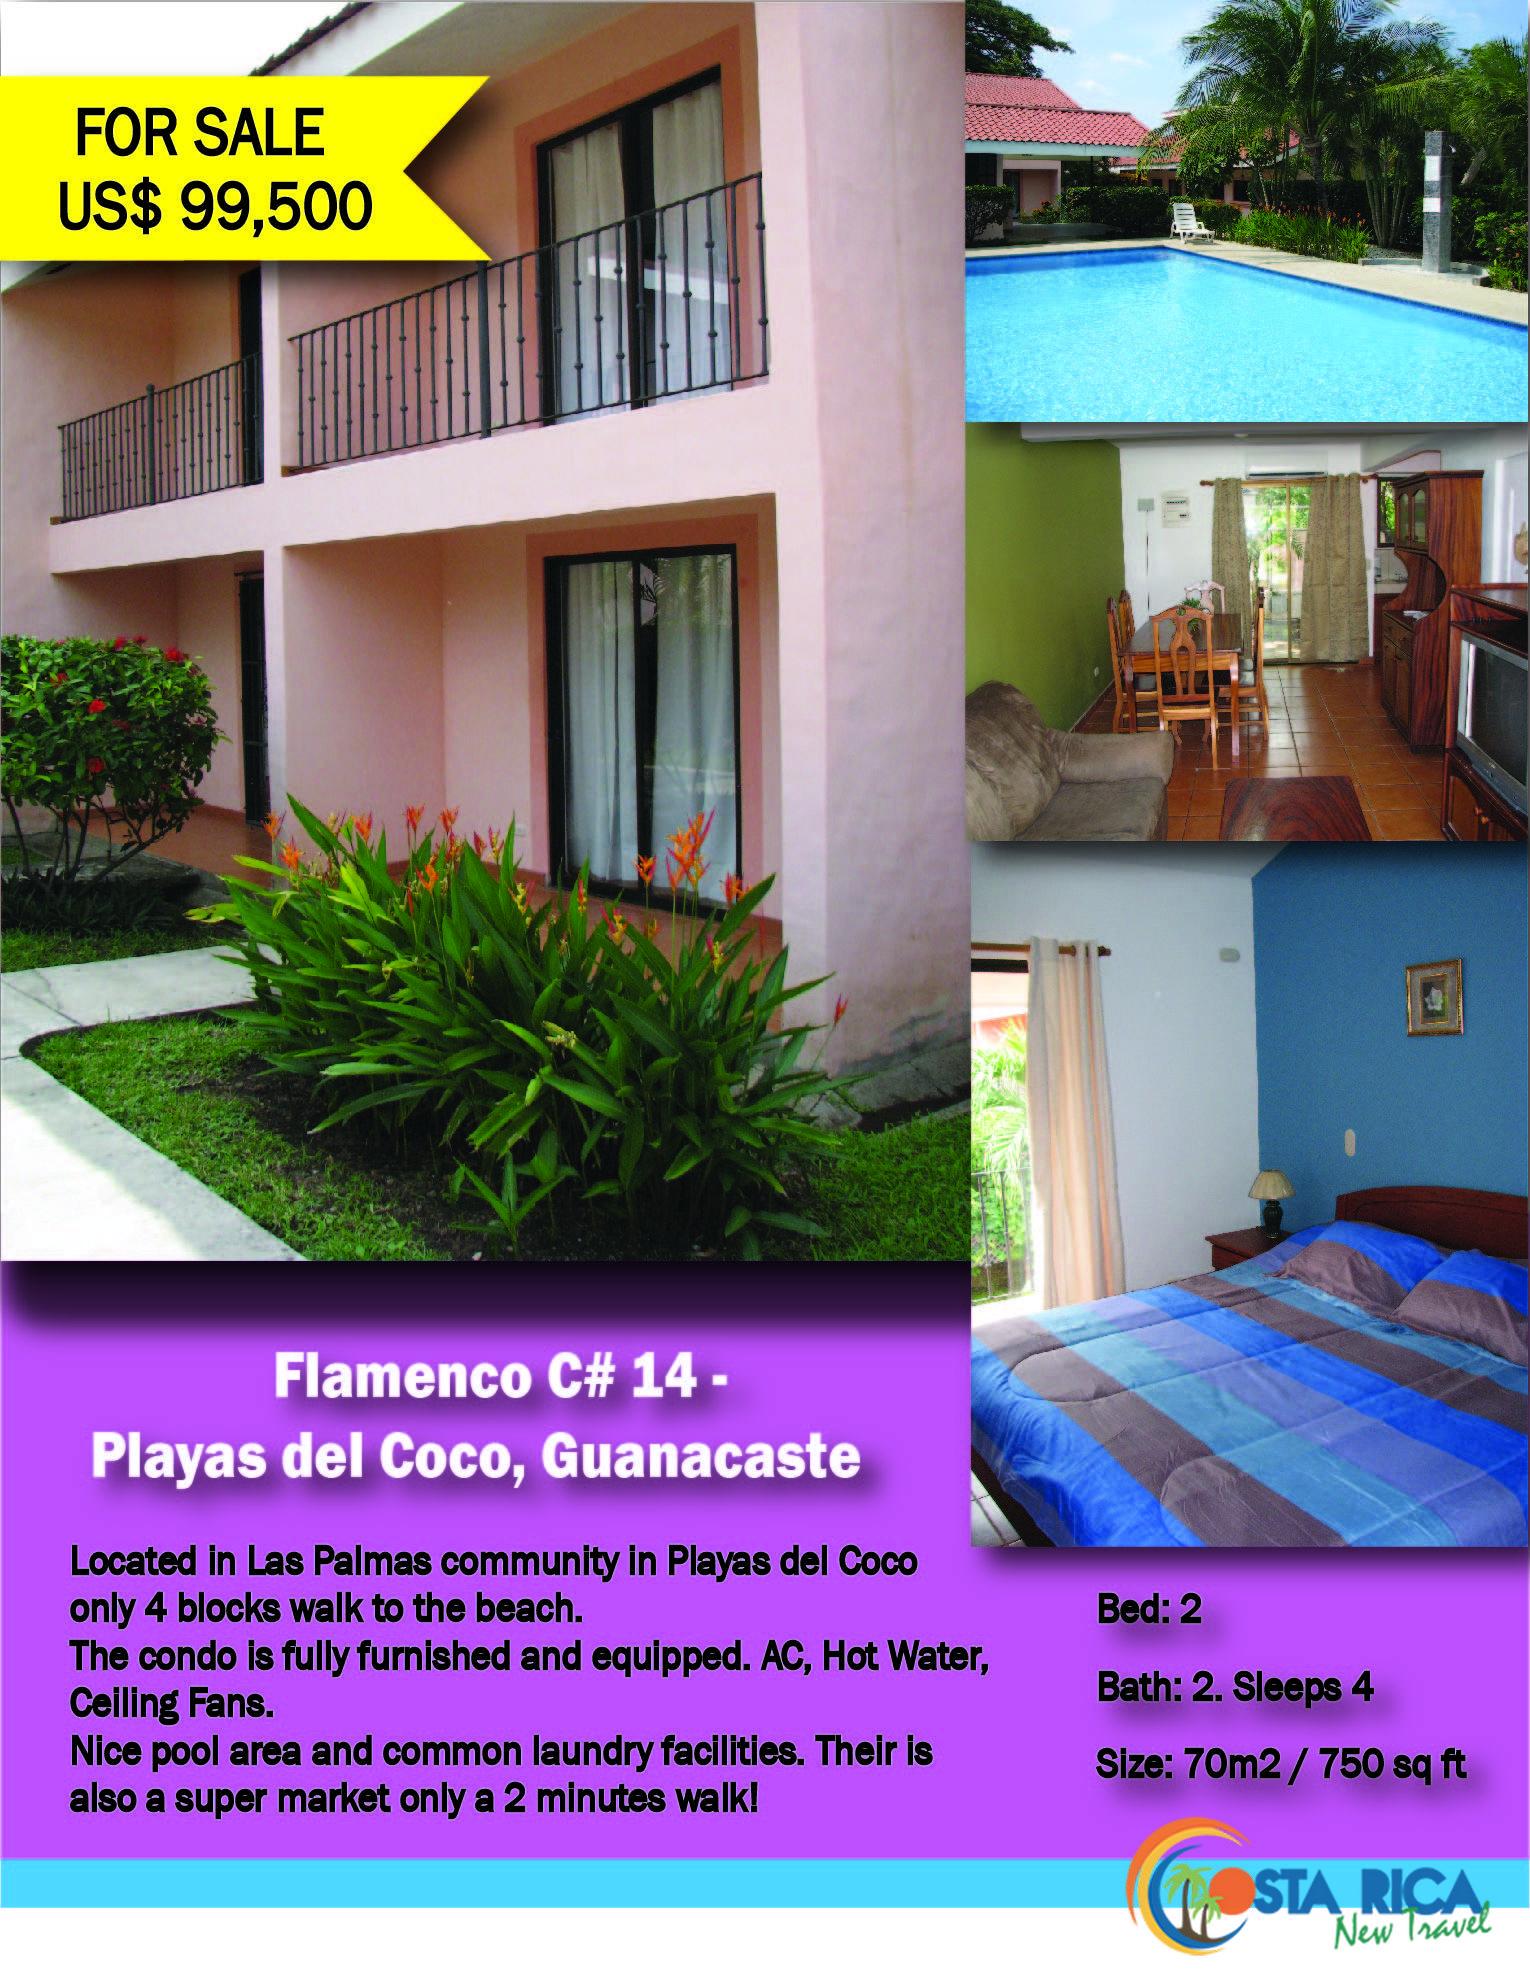 Flamenco #C14 - 2 Bed 2 Bath Condo $99,500 (CRNT)